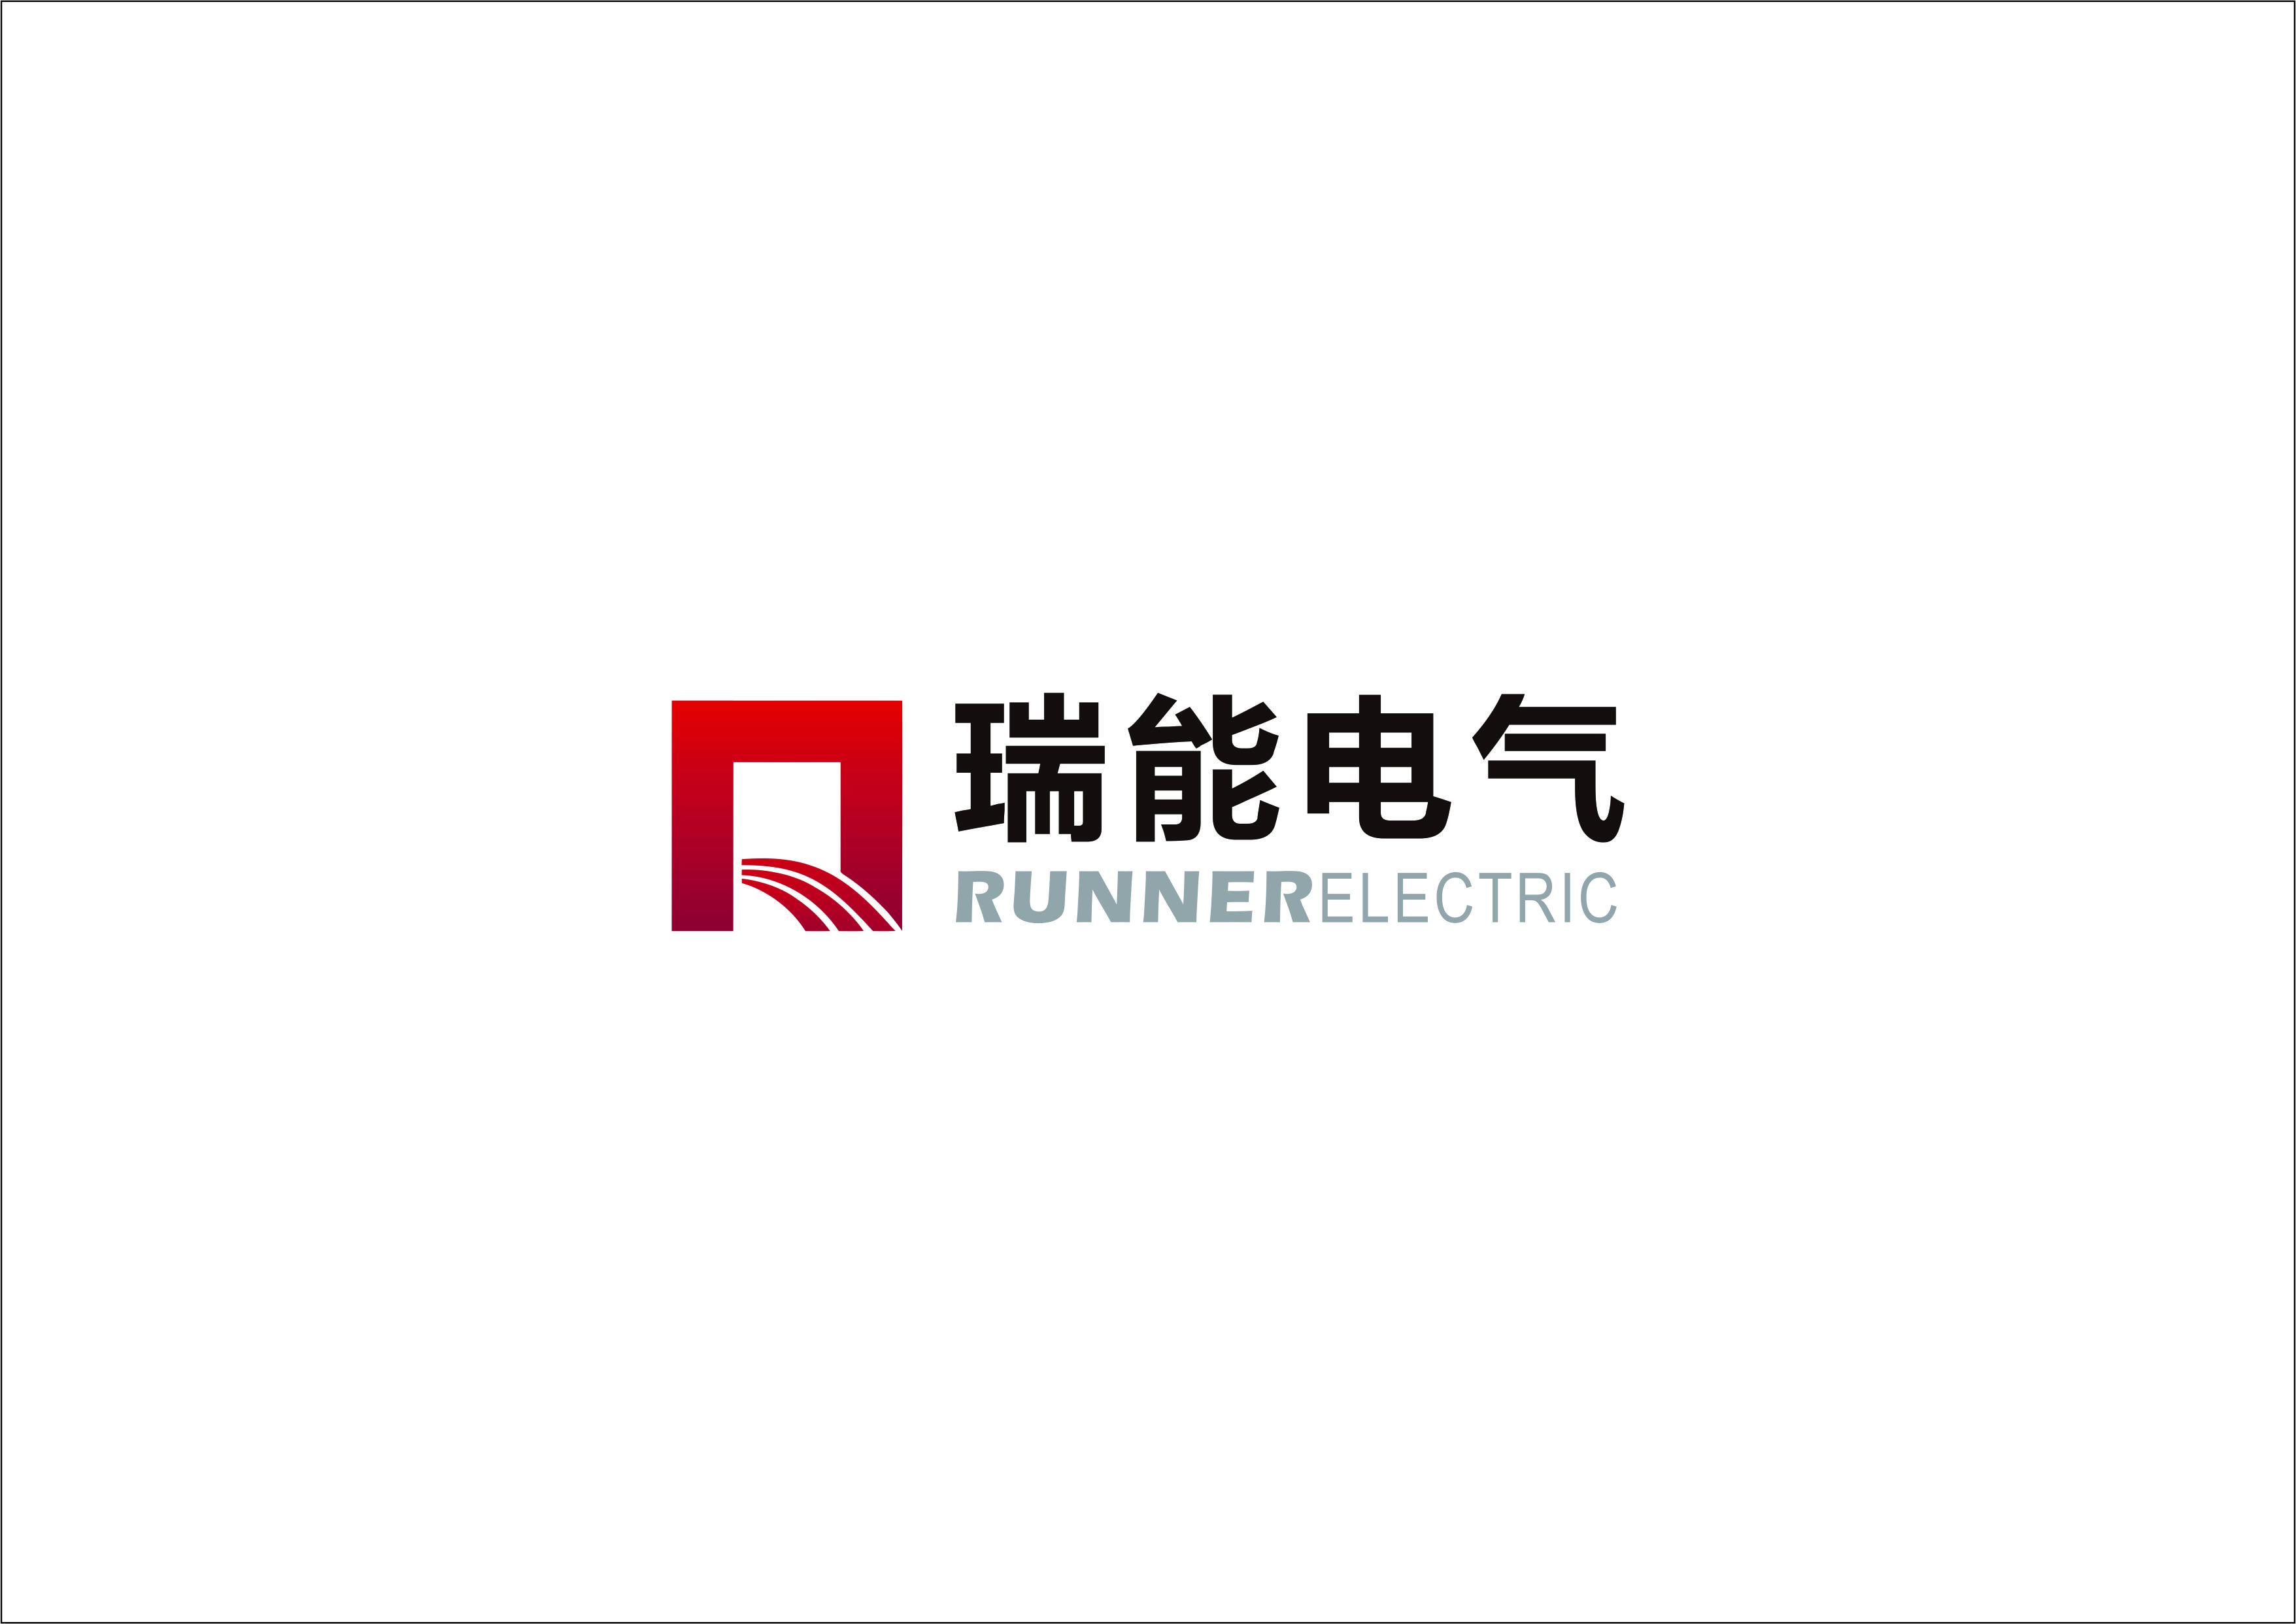 郑州瑞能电气有限公司